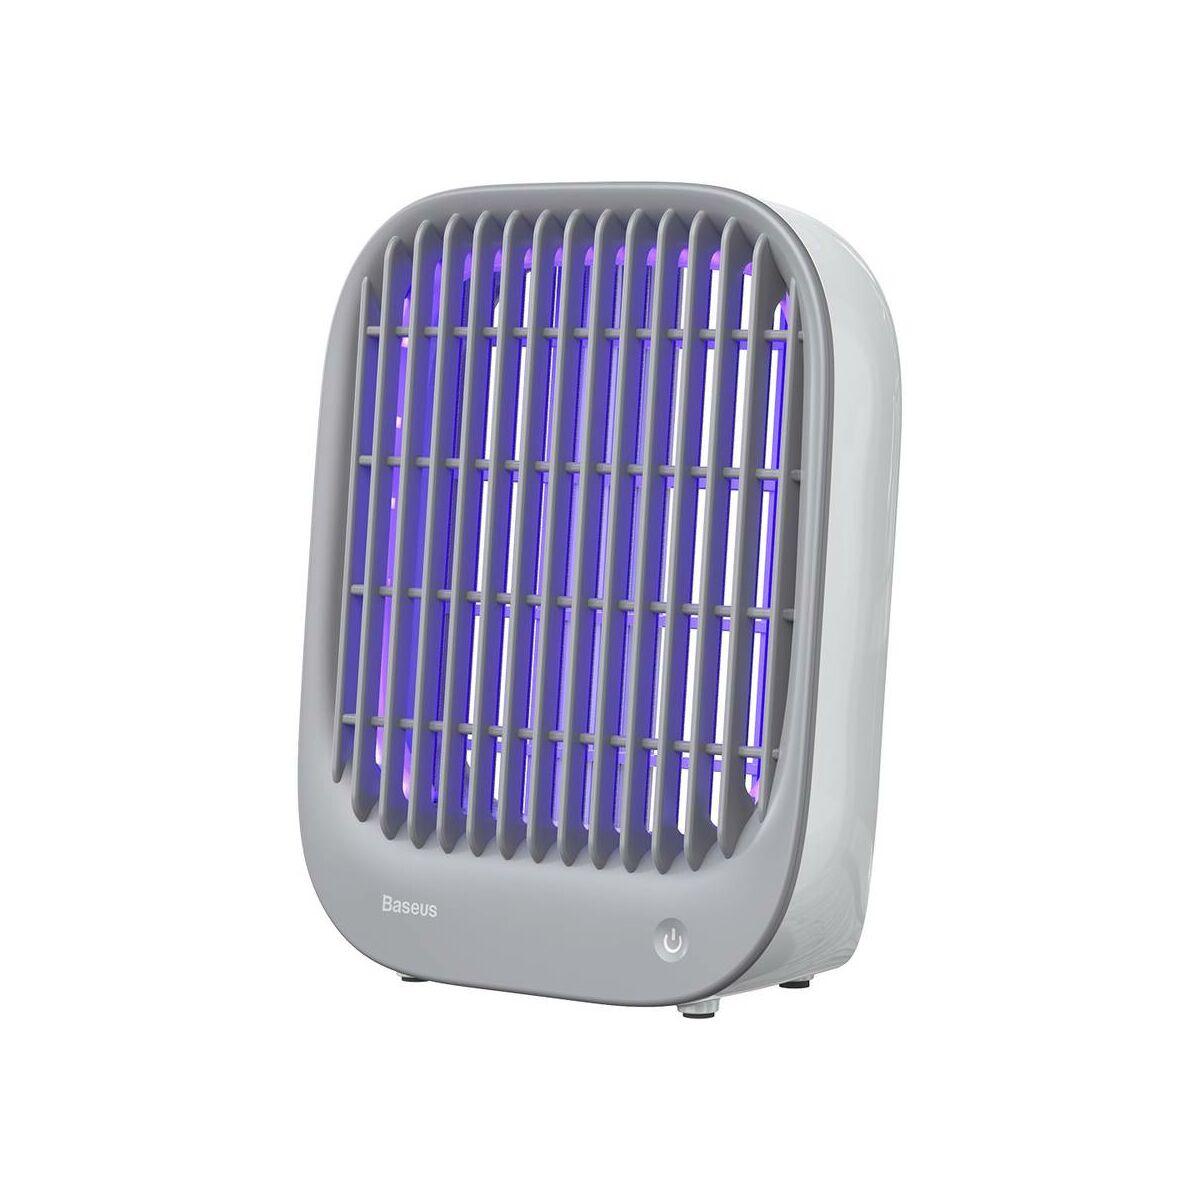 Baseus otthon, Baijing asztali szúnyog lámpa, rovarölő elektromos feszültség 1900V, 5V, 3.5W, fehér (ACMWD-BJ02)